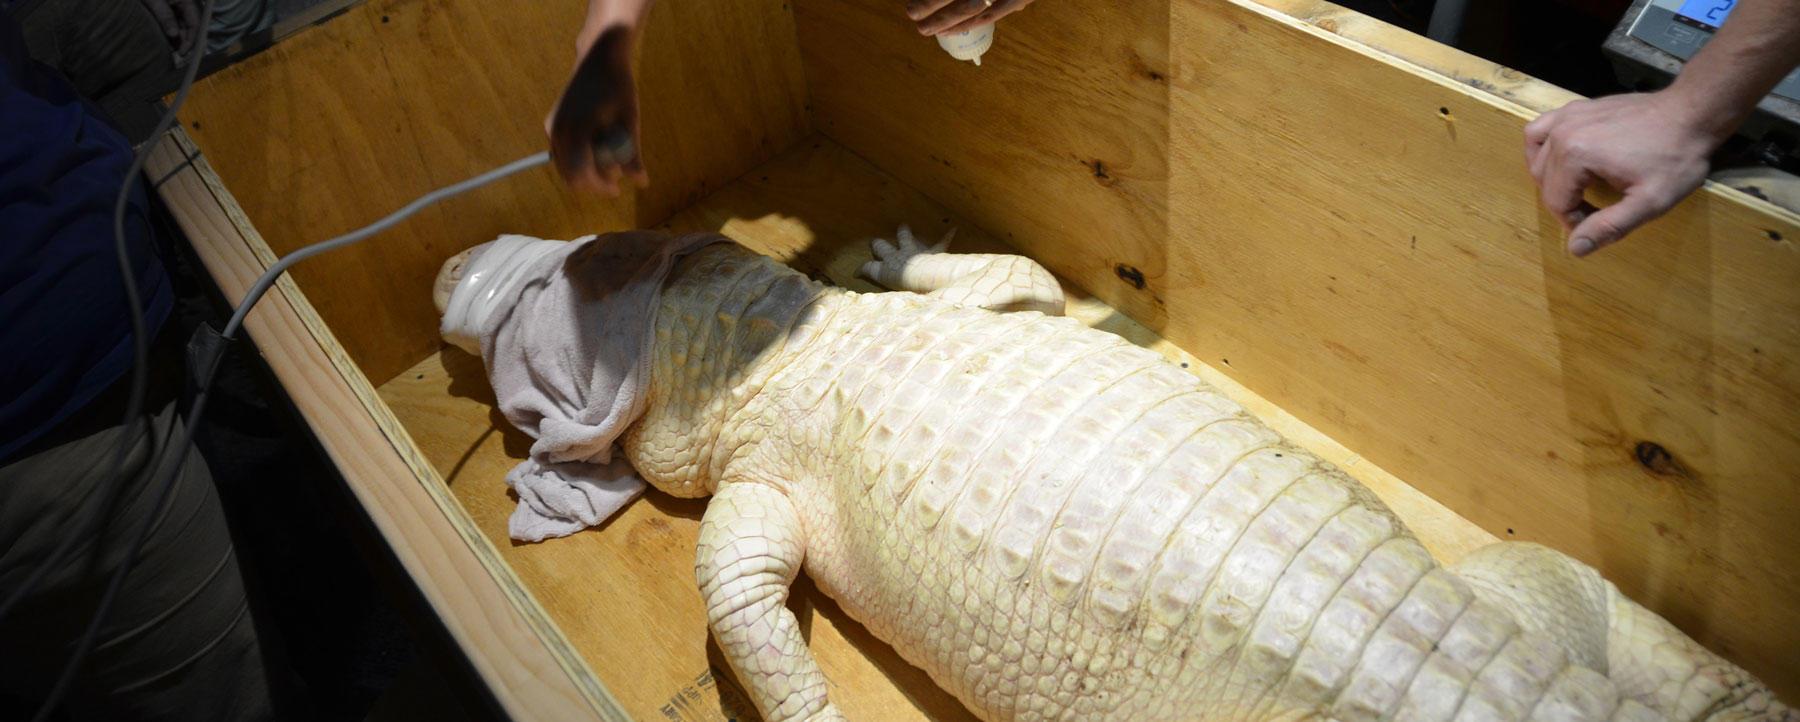 Alabaster, the Affable Albino Alligator